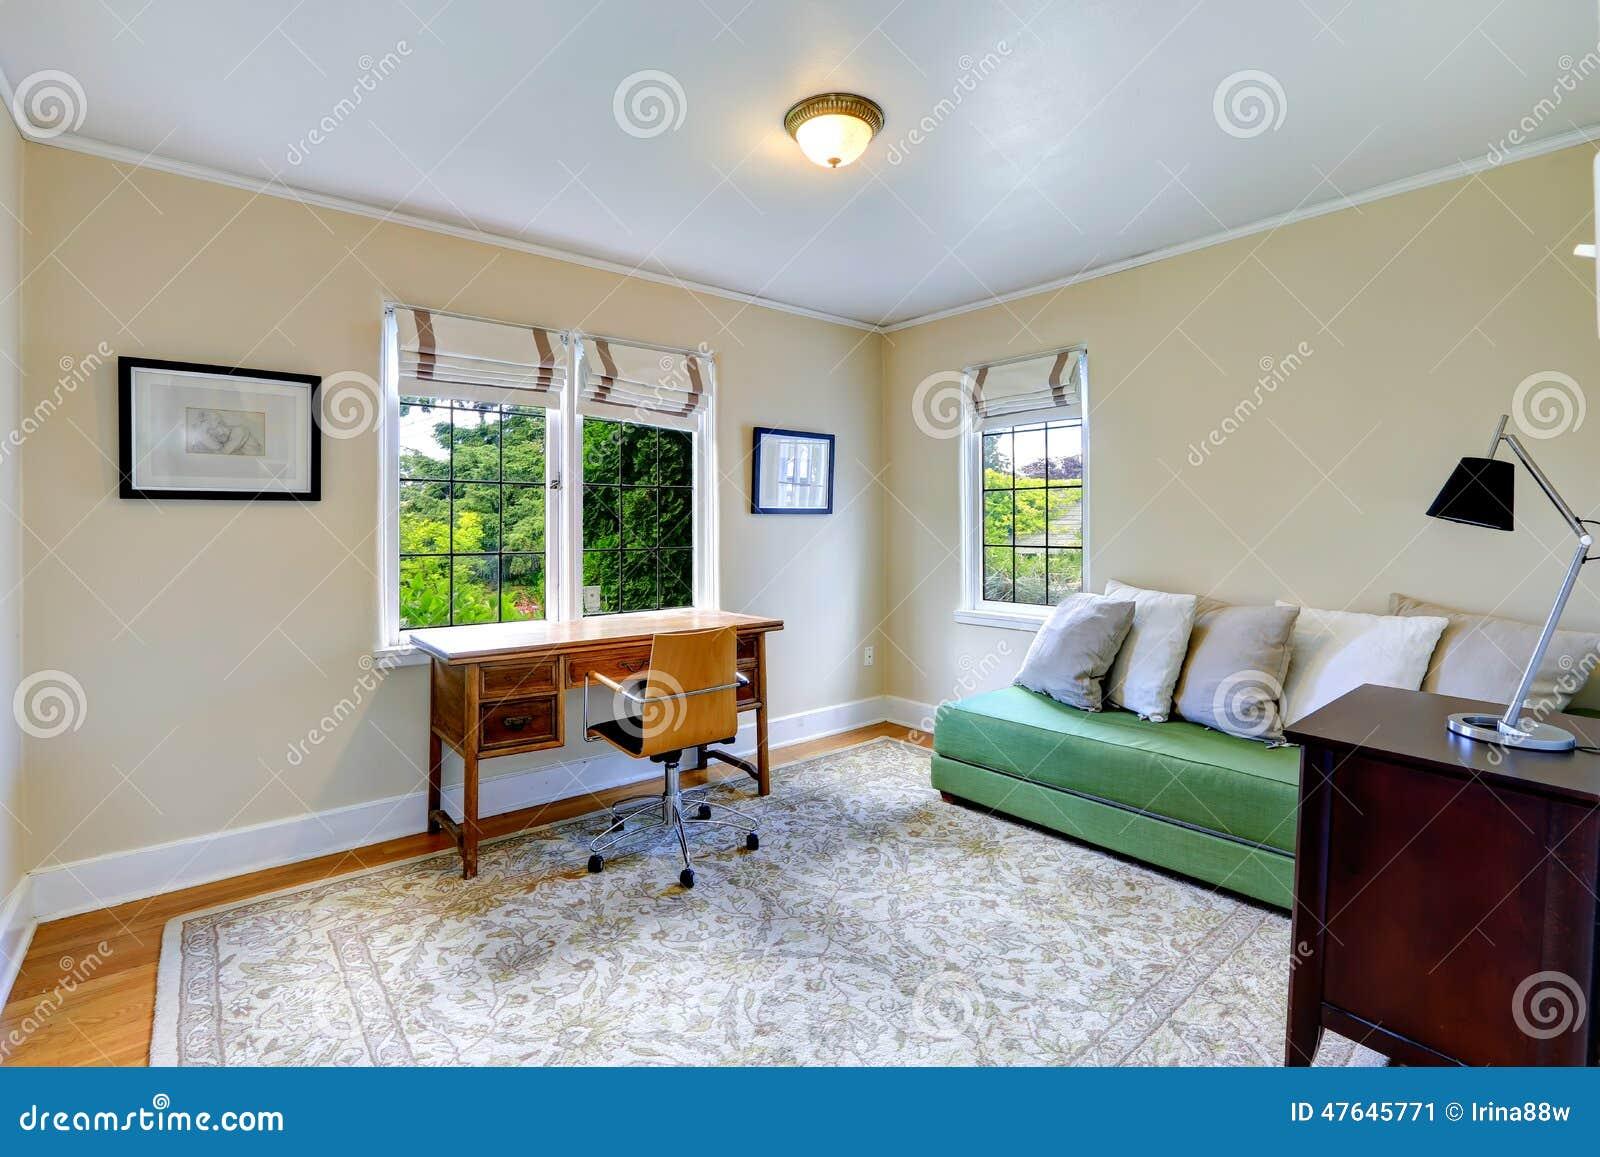 Heller b roraum mit gr ner couch stockfoto bild 47645771 for Heller raum